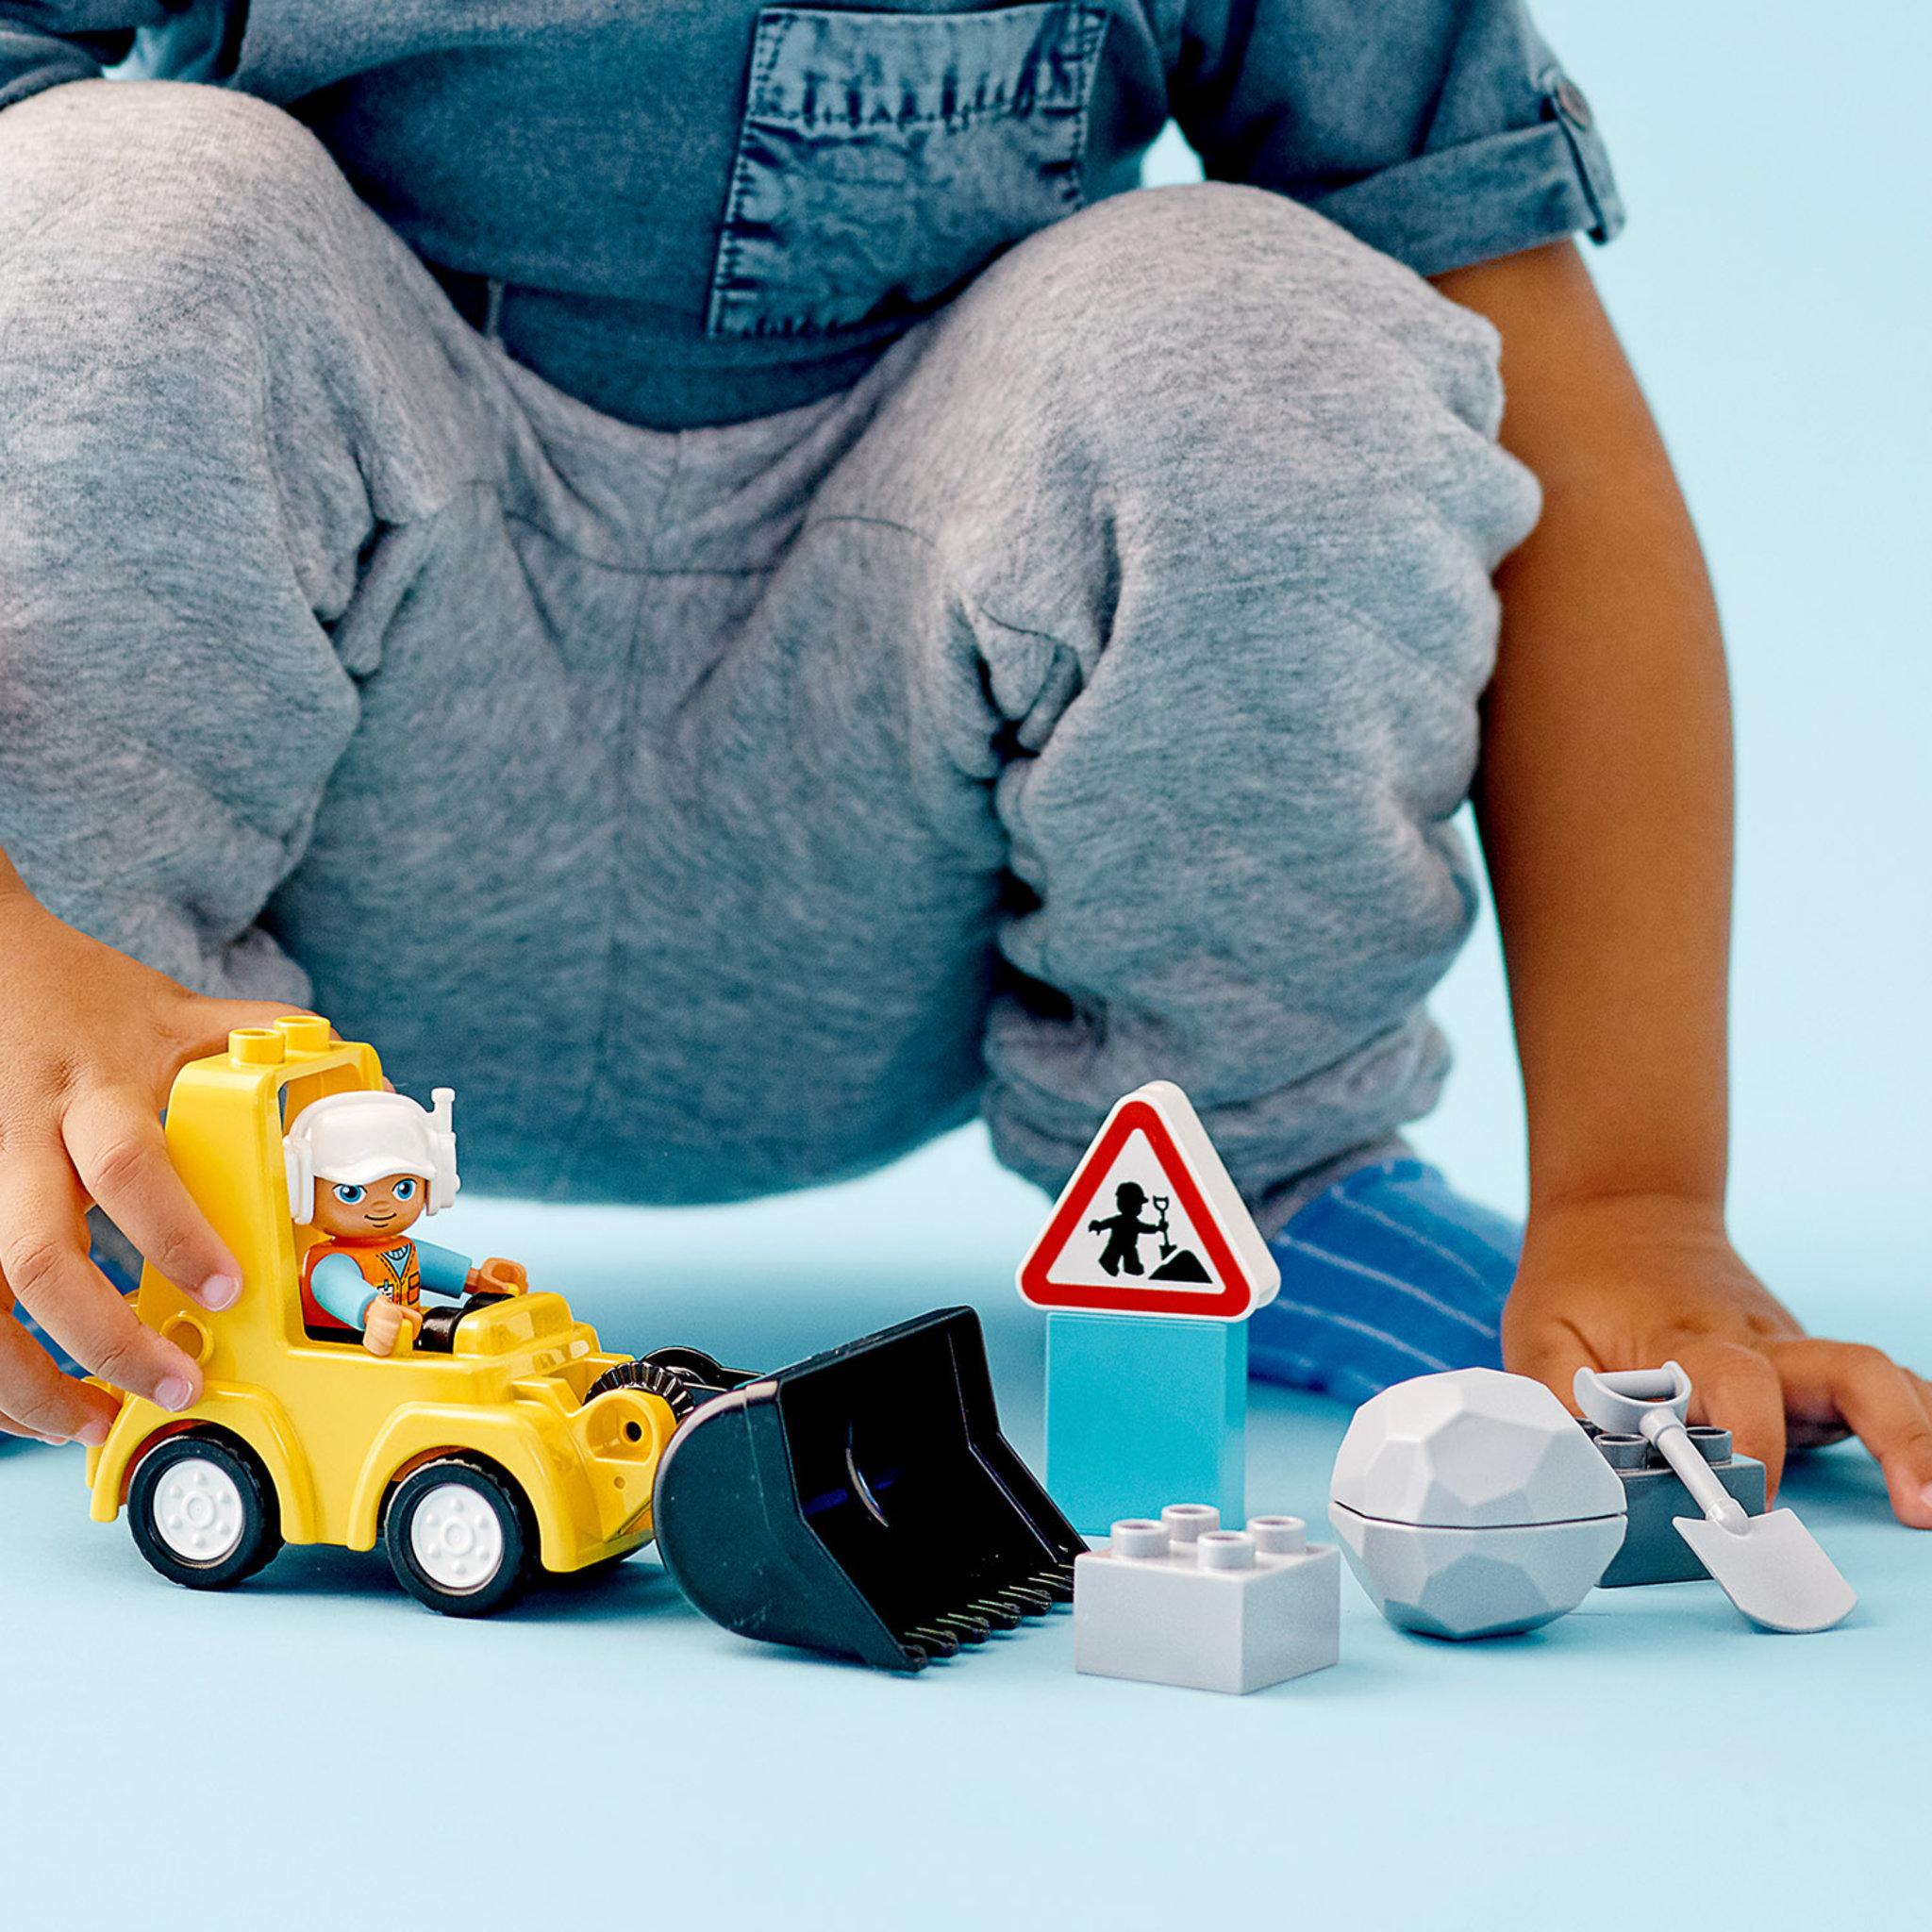 10930 DUPLO® — Construction Bulldozer